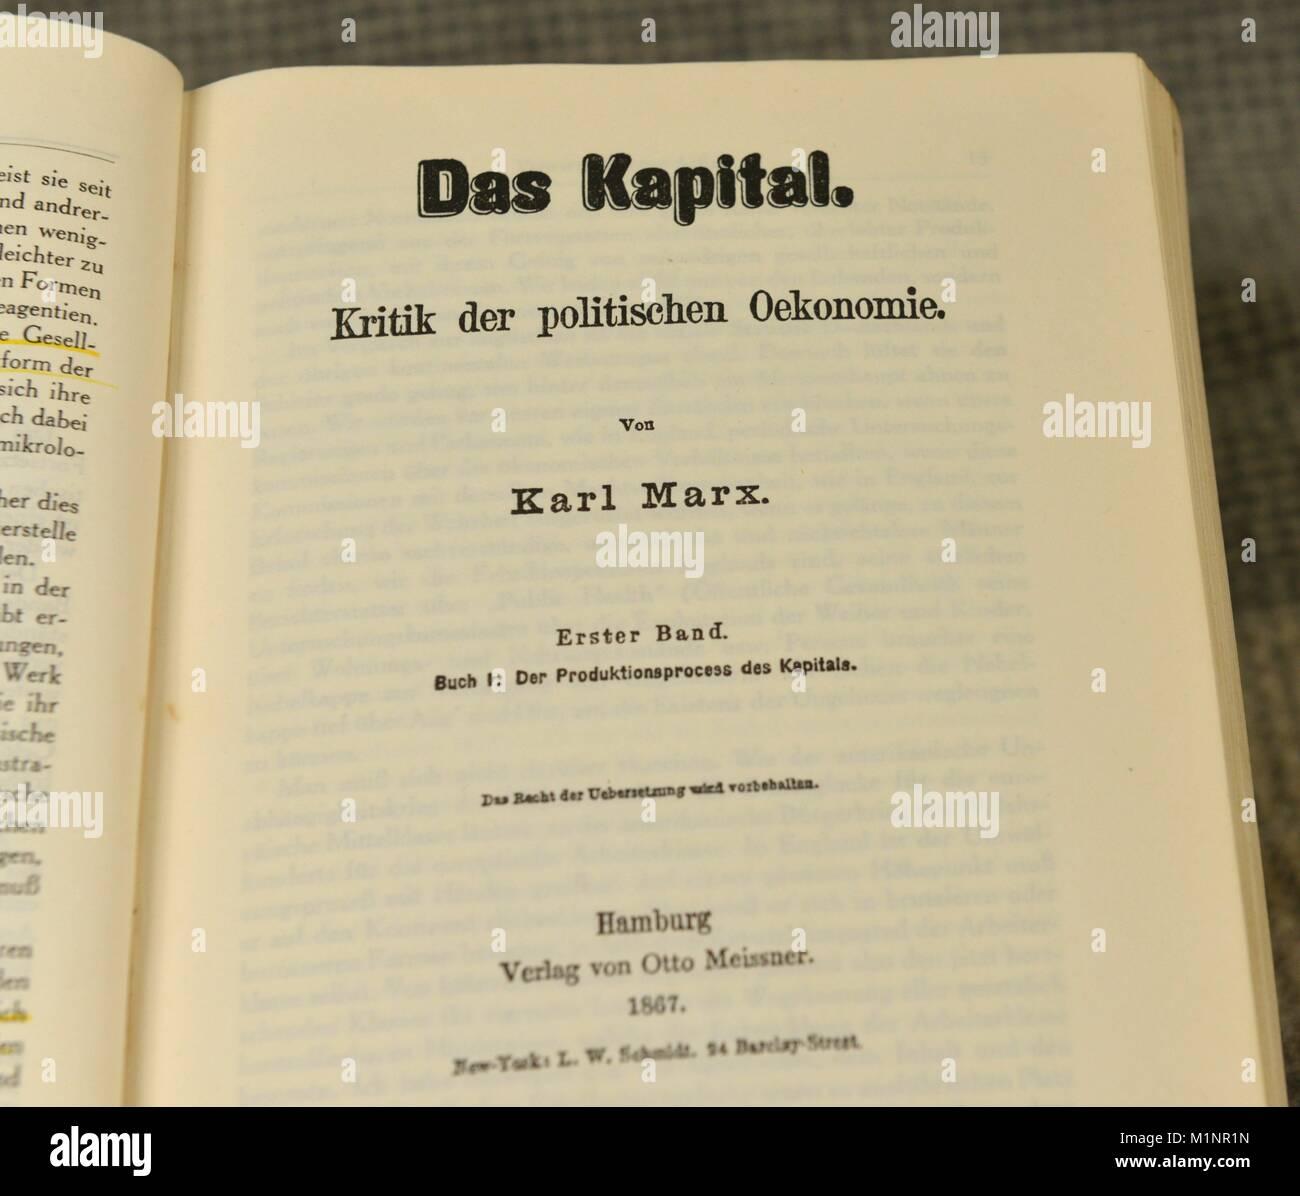 Karl Marx Das Kapital Verwendung Weltweit Stockfoto Bild